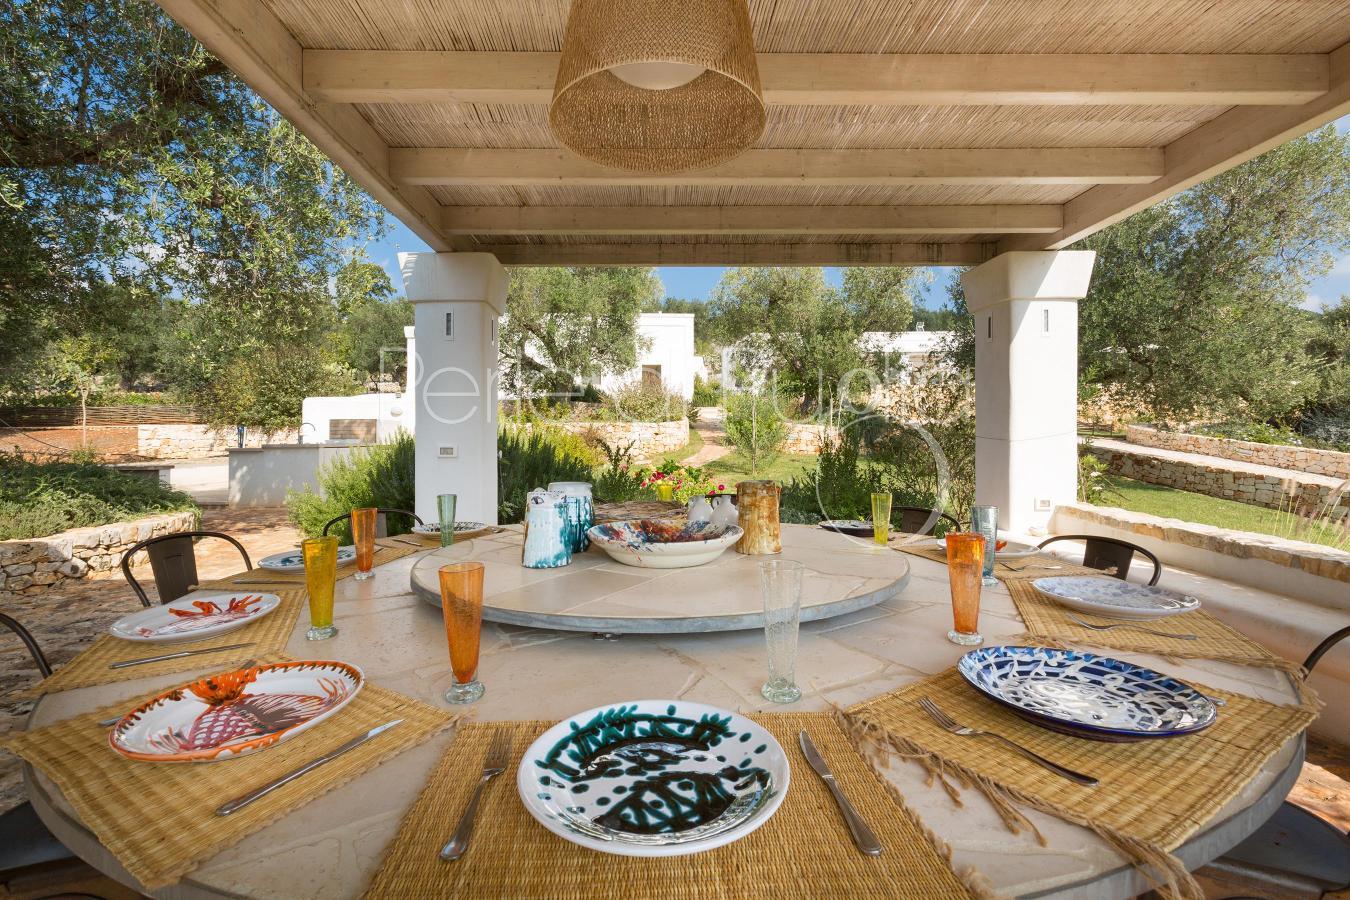 Interni case lusso trendy amazing arredamento esterno for Immagini case di lusso